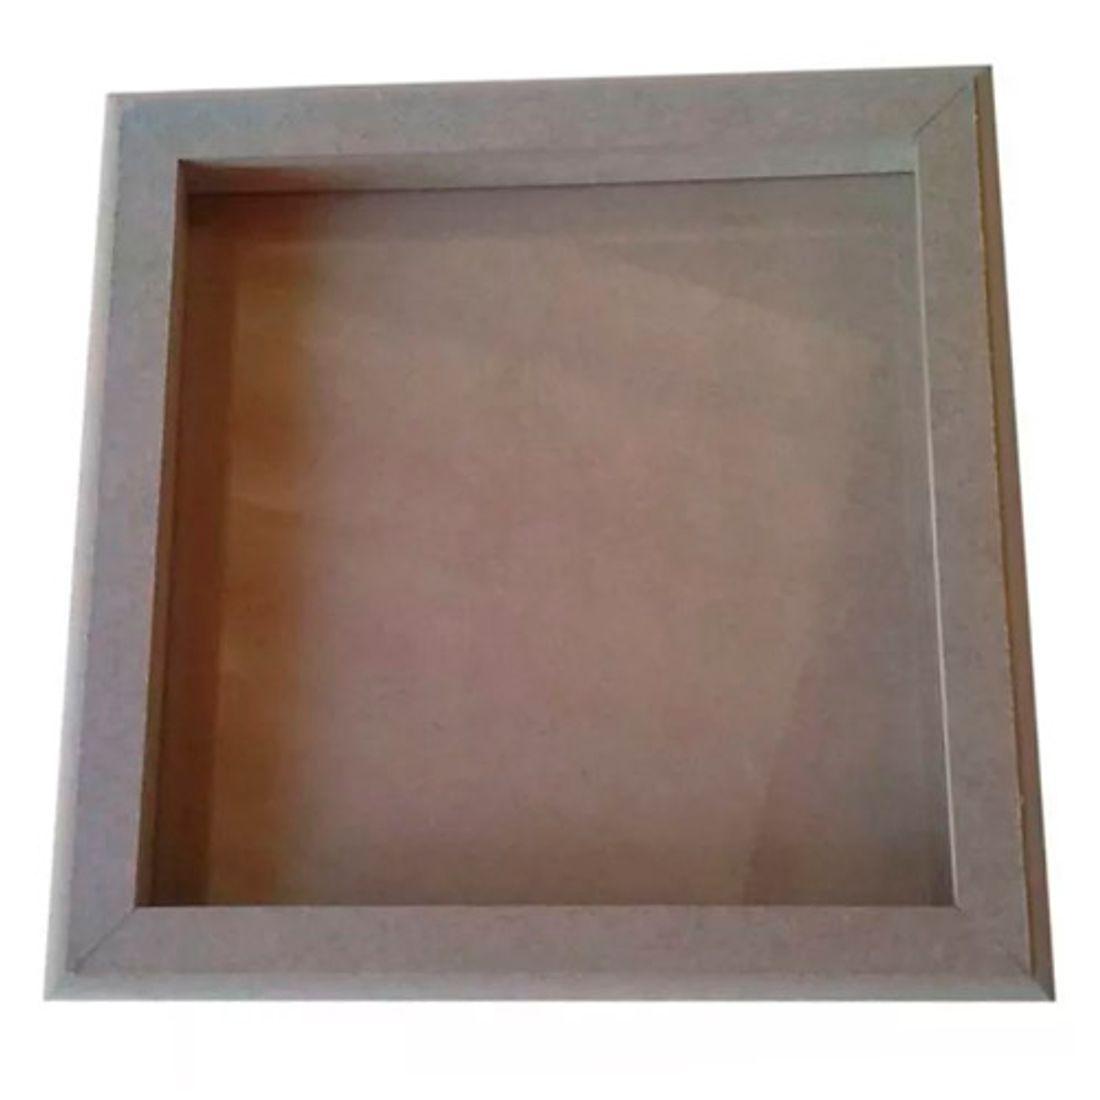 Quadro-Scrapbook---21x21---Com-Vidro---Madeira---Mdf